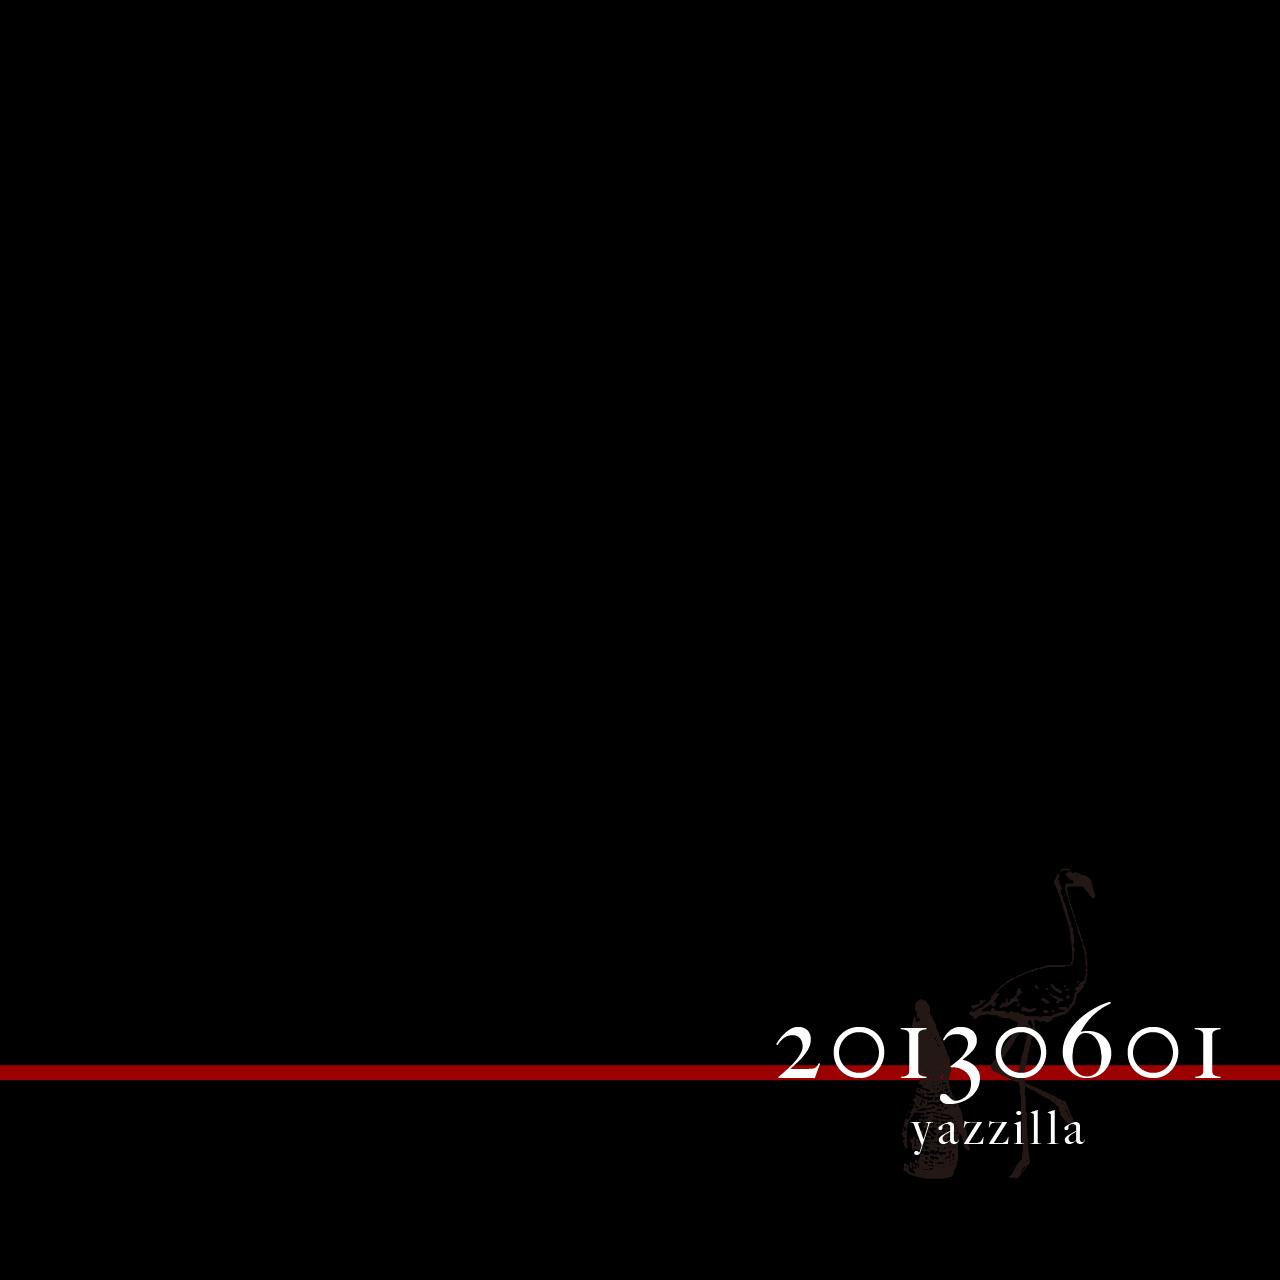 mixcloud : YAZZILLA LIVE REC 13.06.01公開中!